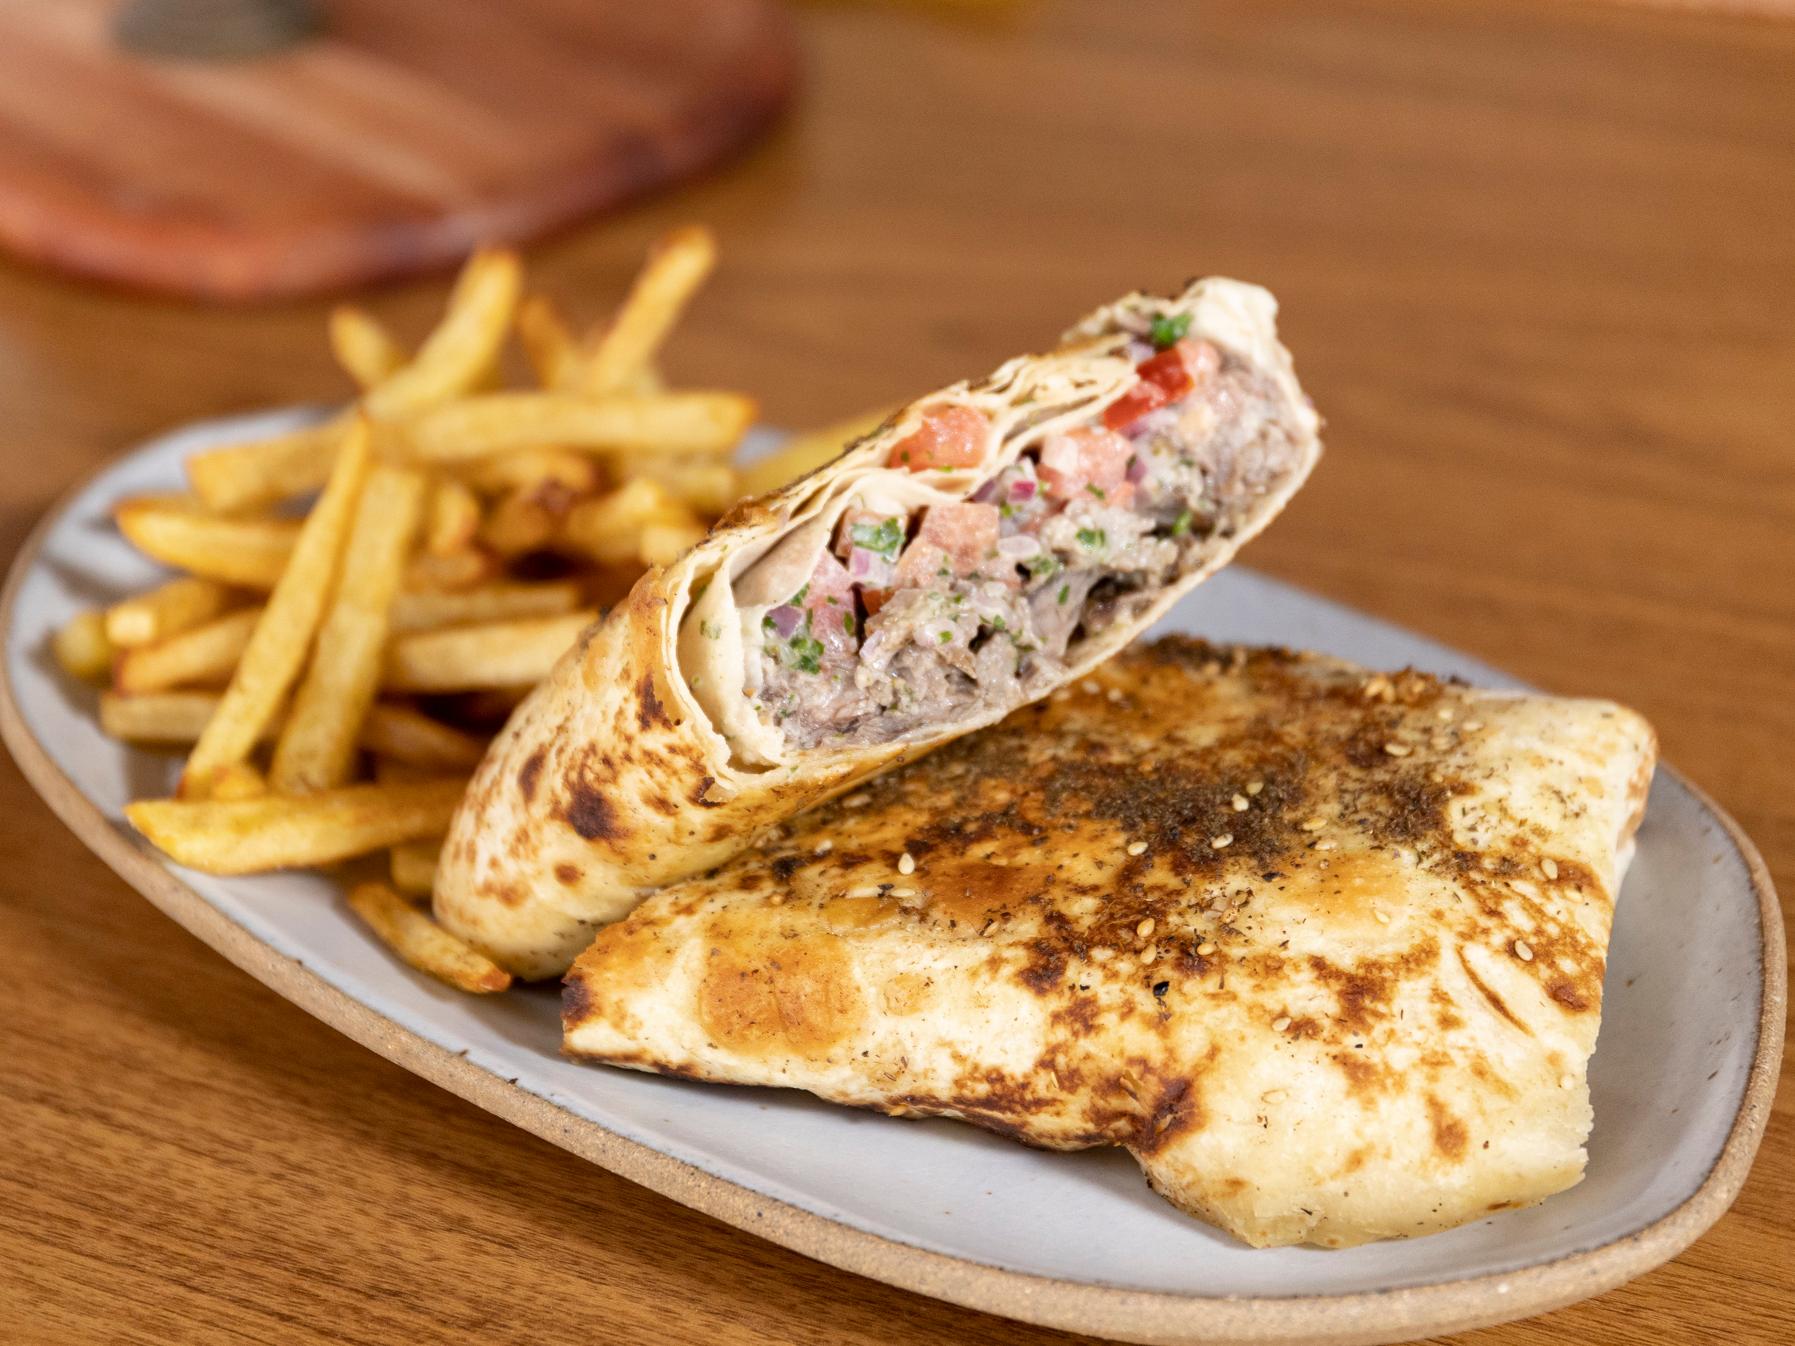 Comida árabe: 4 restaurantes para quem ama a comida típica